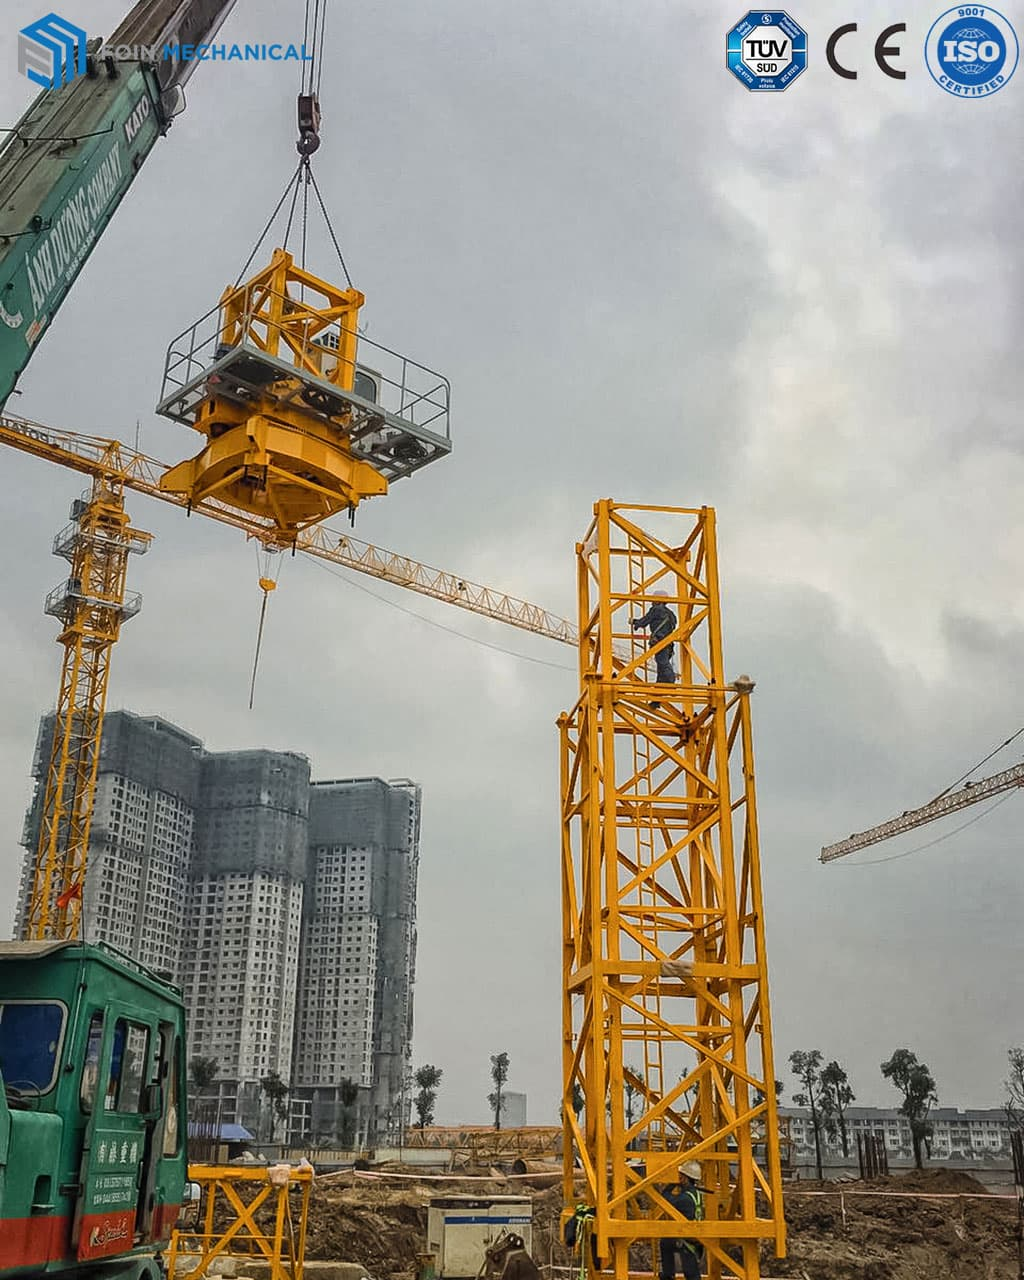 External flattop tower crane erecting